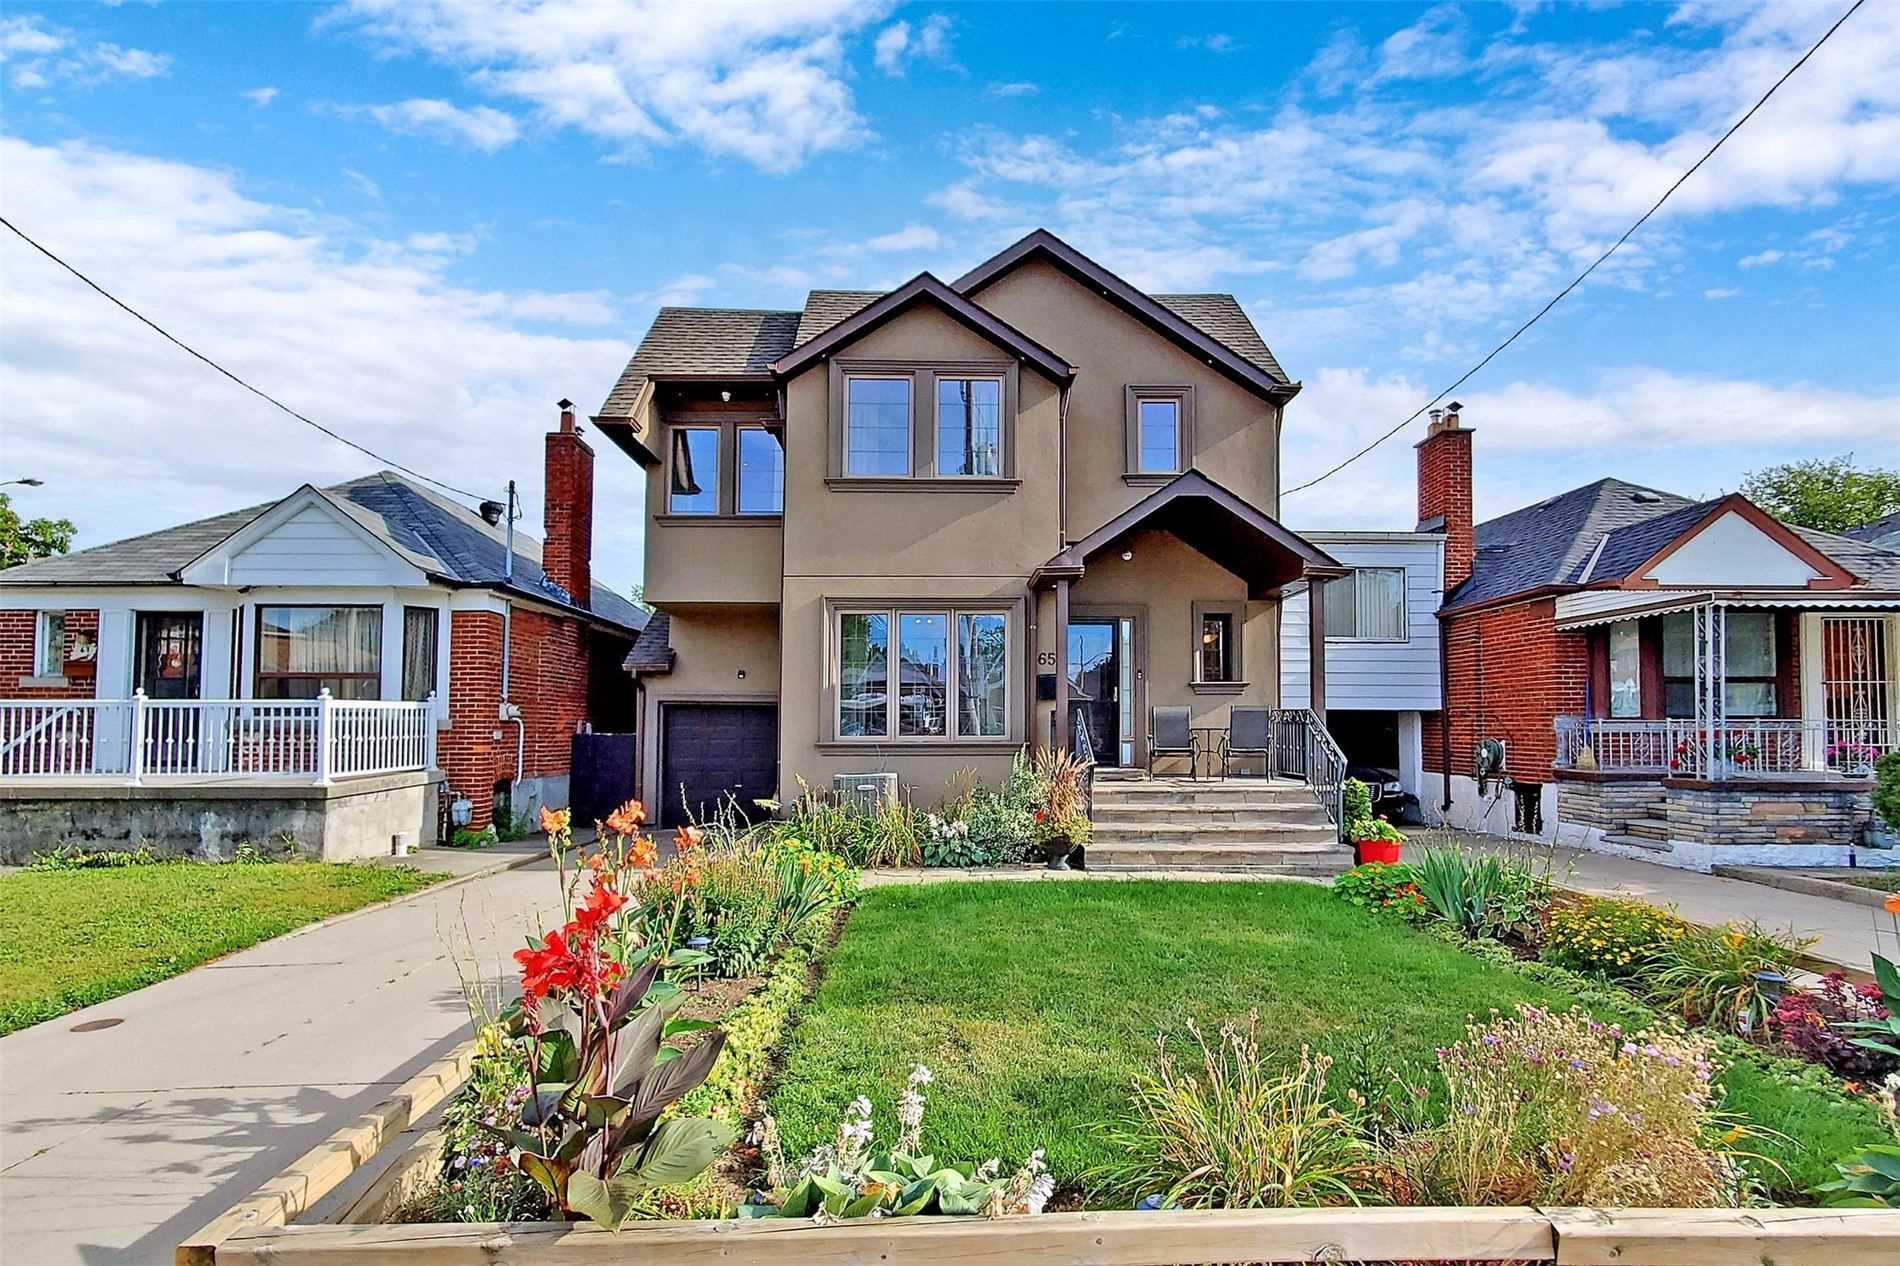 65 O'connor Dr, Toronto, Ontario M4K2K3, 3 Bedrooms Bedrooms, 8 Rooms Rooms,5 BathroomsBathrooms,Detached,For Sale,O'connor,E5378469